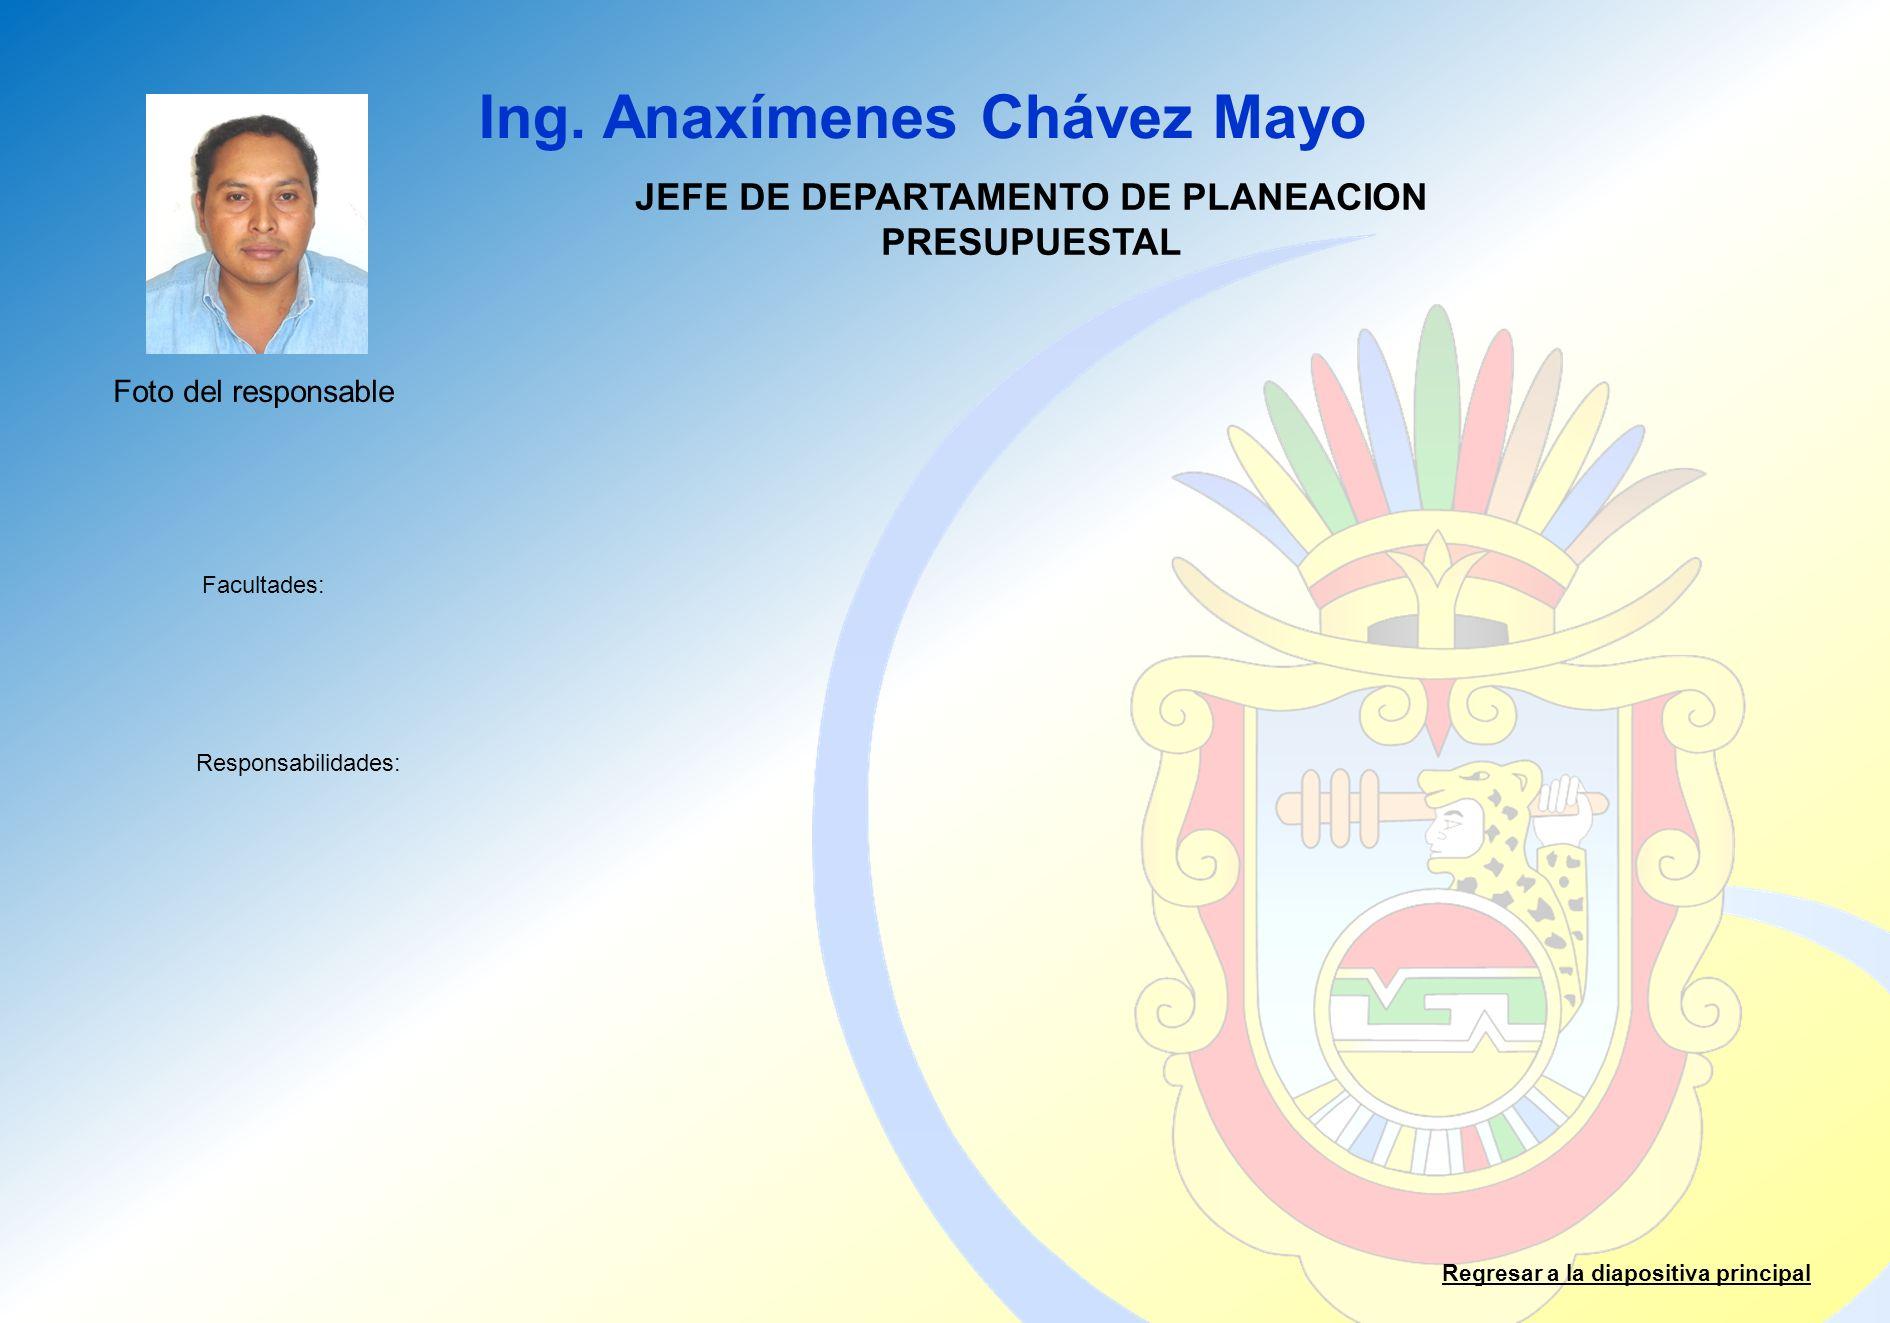 Ing. Anaxímenes Chávez Mayo Facultades: Responsabilidades: Regresar a la diapositiva principal JEFE DE DEPARTAMENTO DE PLANEACION PRESUPUESTAL Foto de